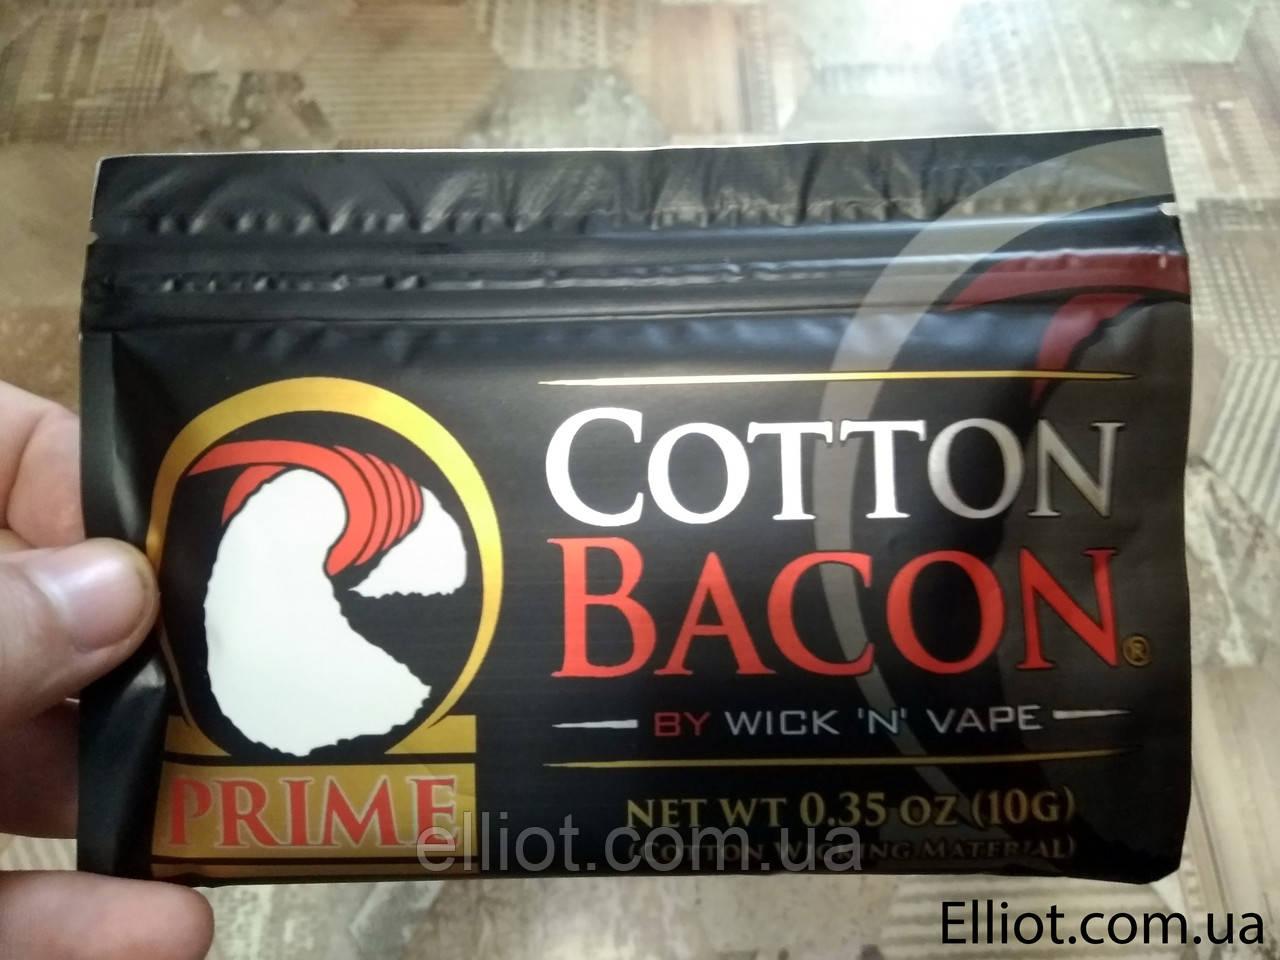 Cotton Bacon Prime Бавовна Вата преміум для вейпа копія